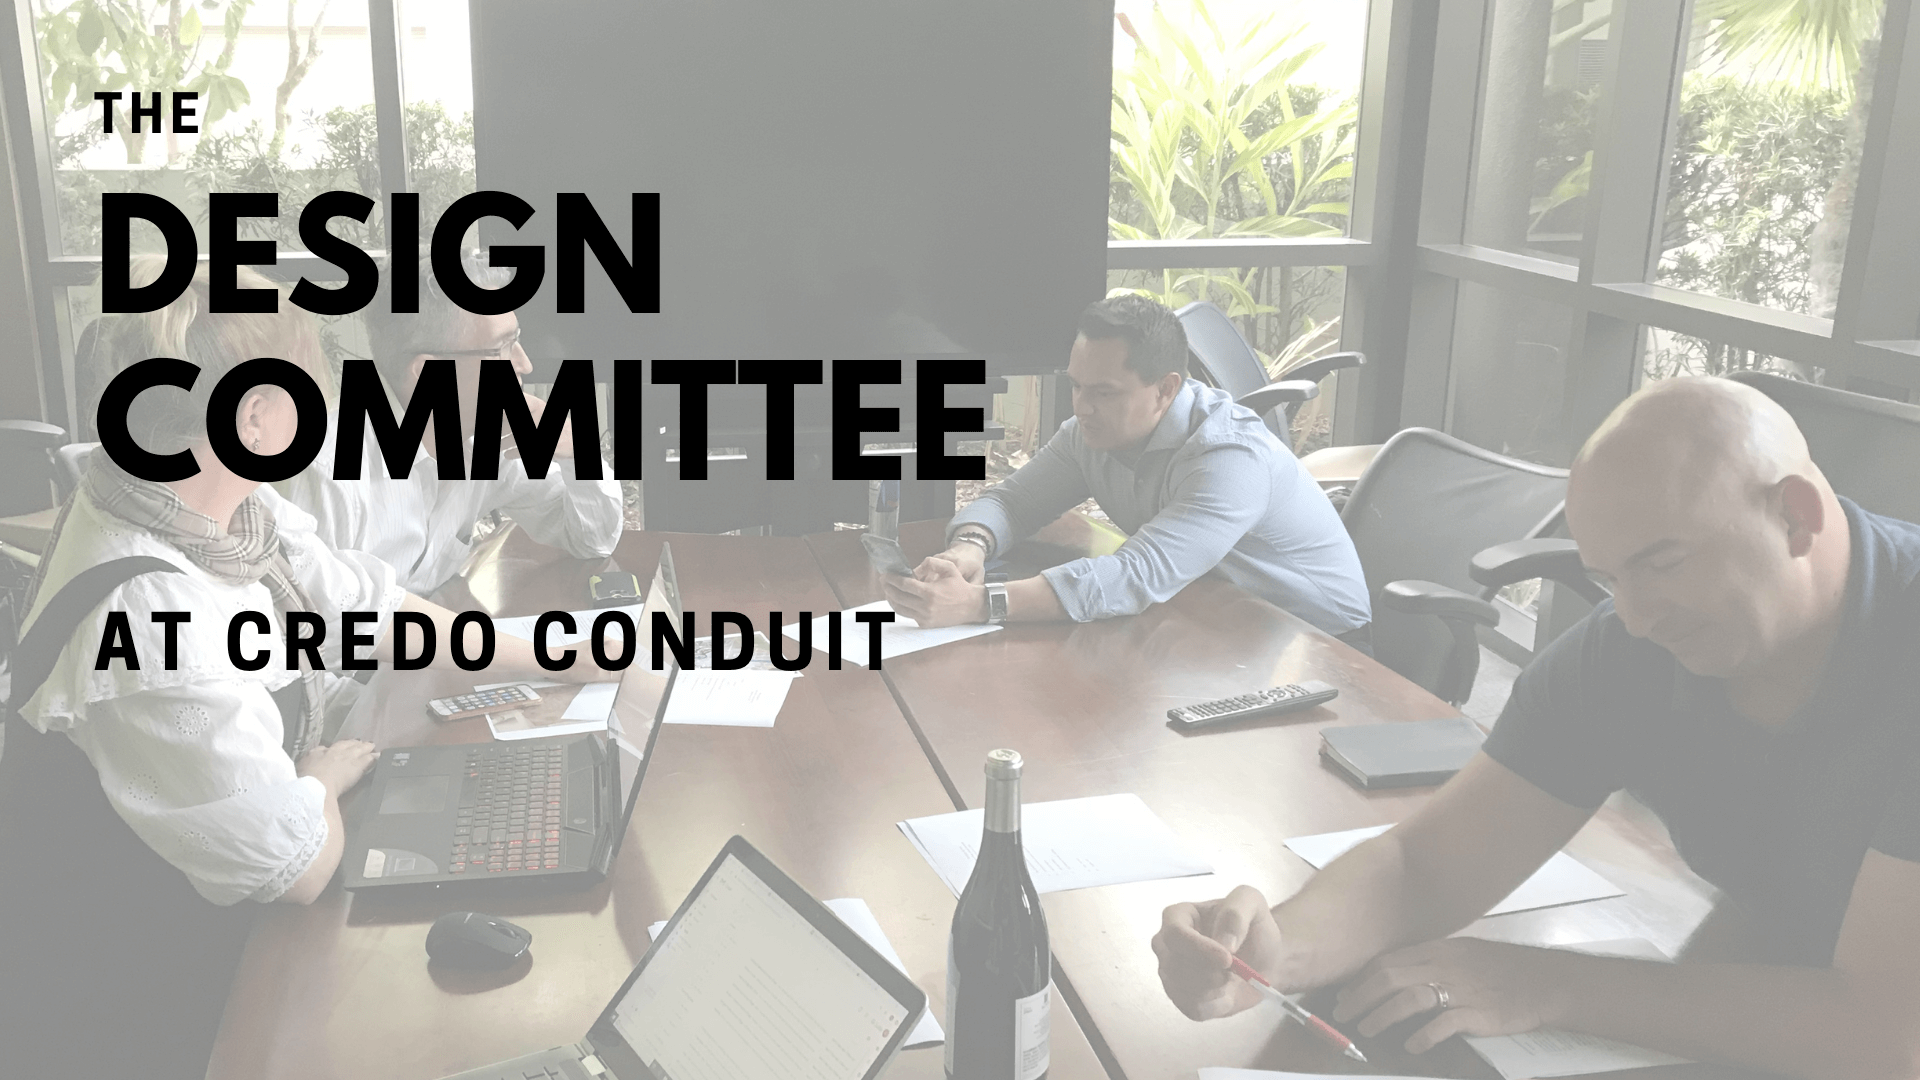 Design Committee